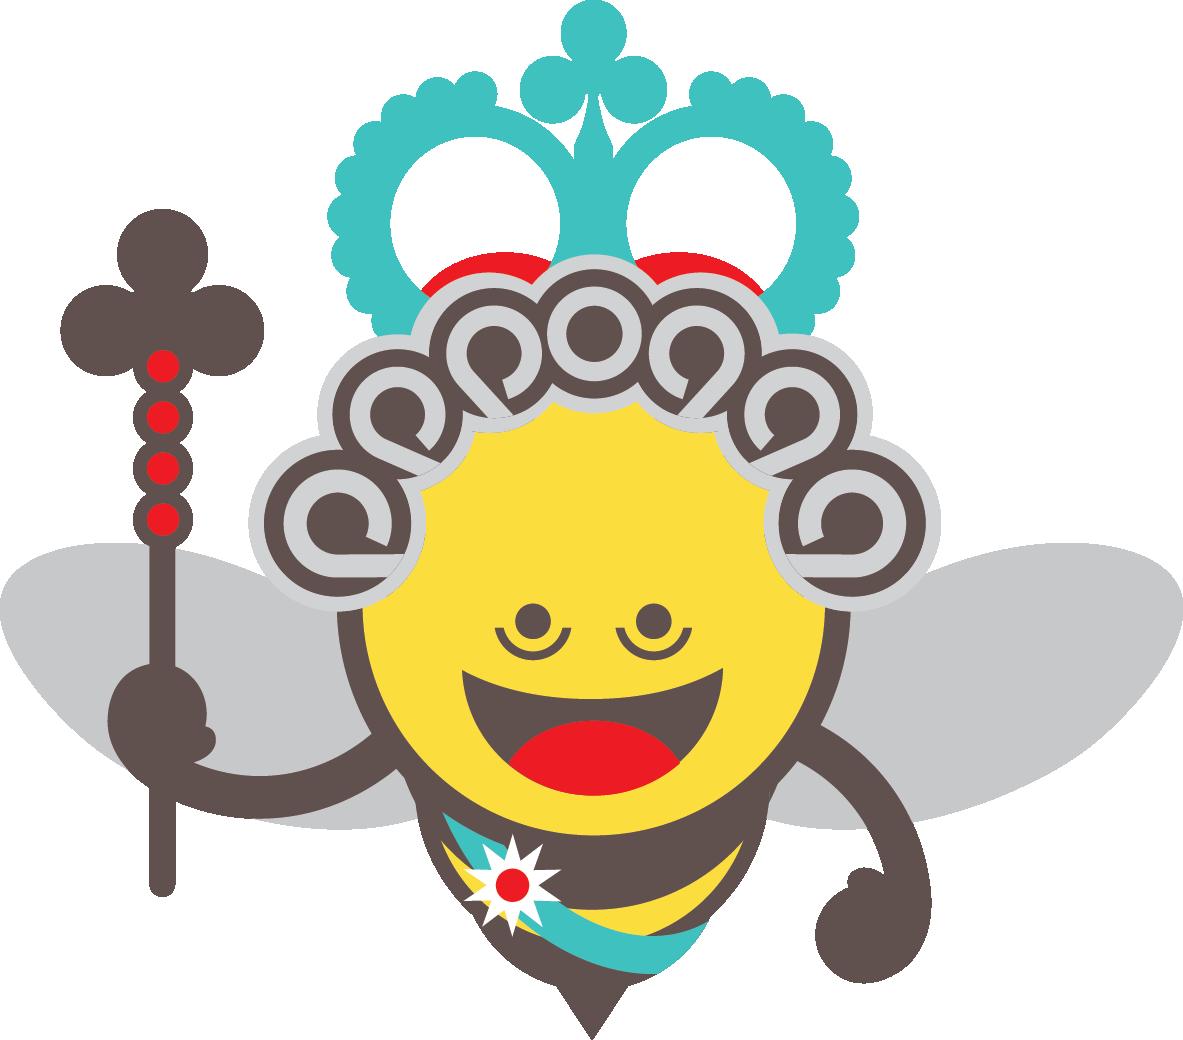 Games clipart group game. Queen mum beekeeper an